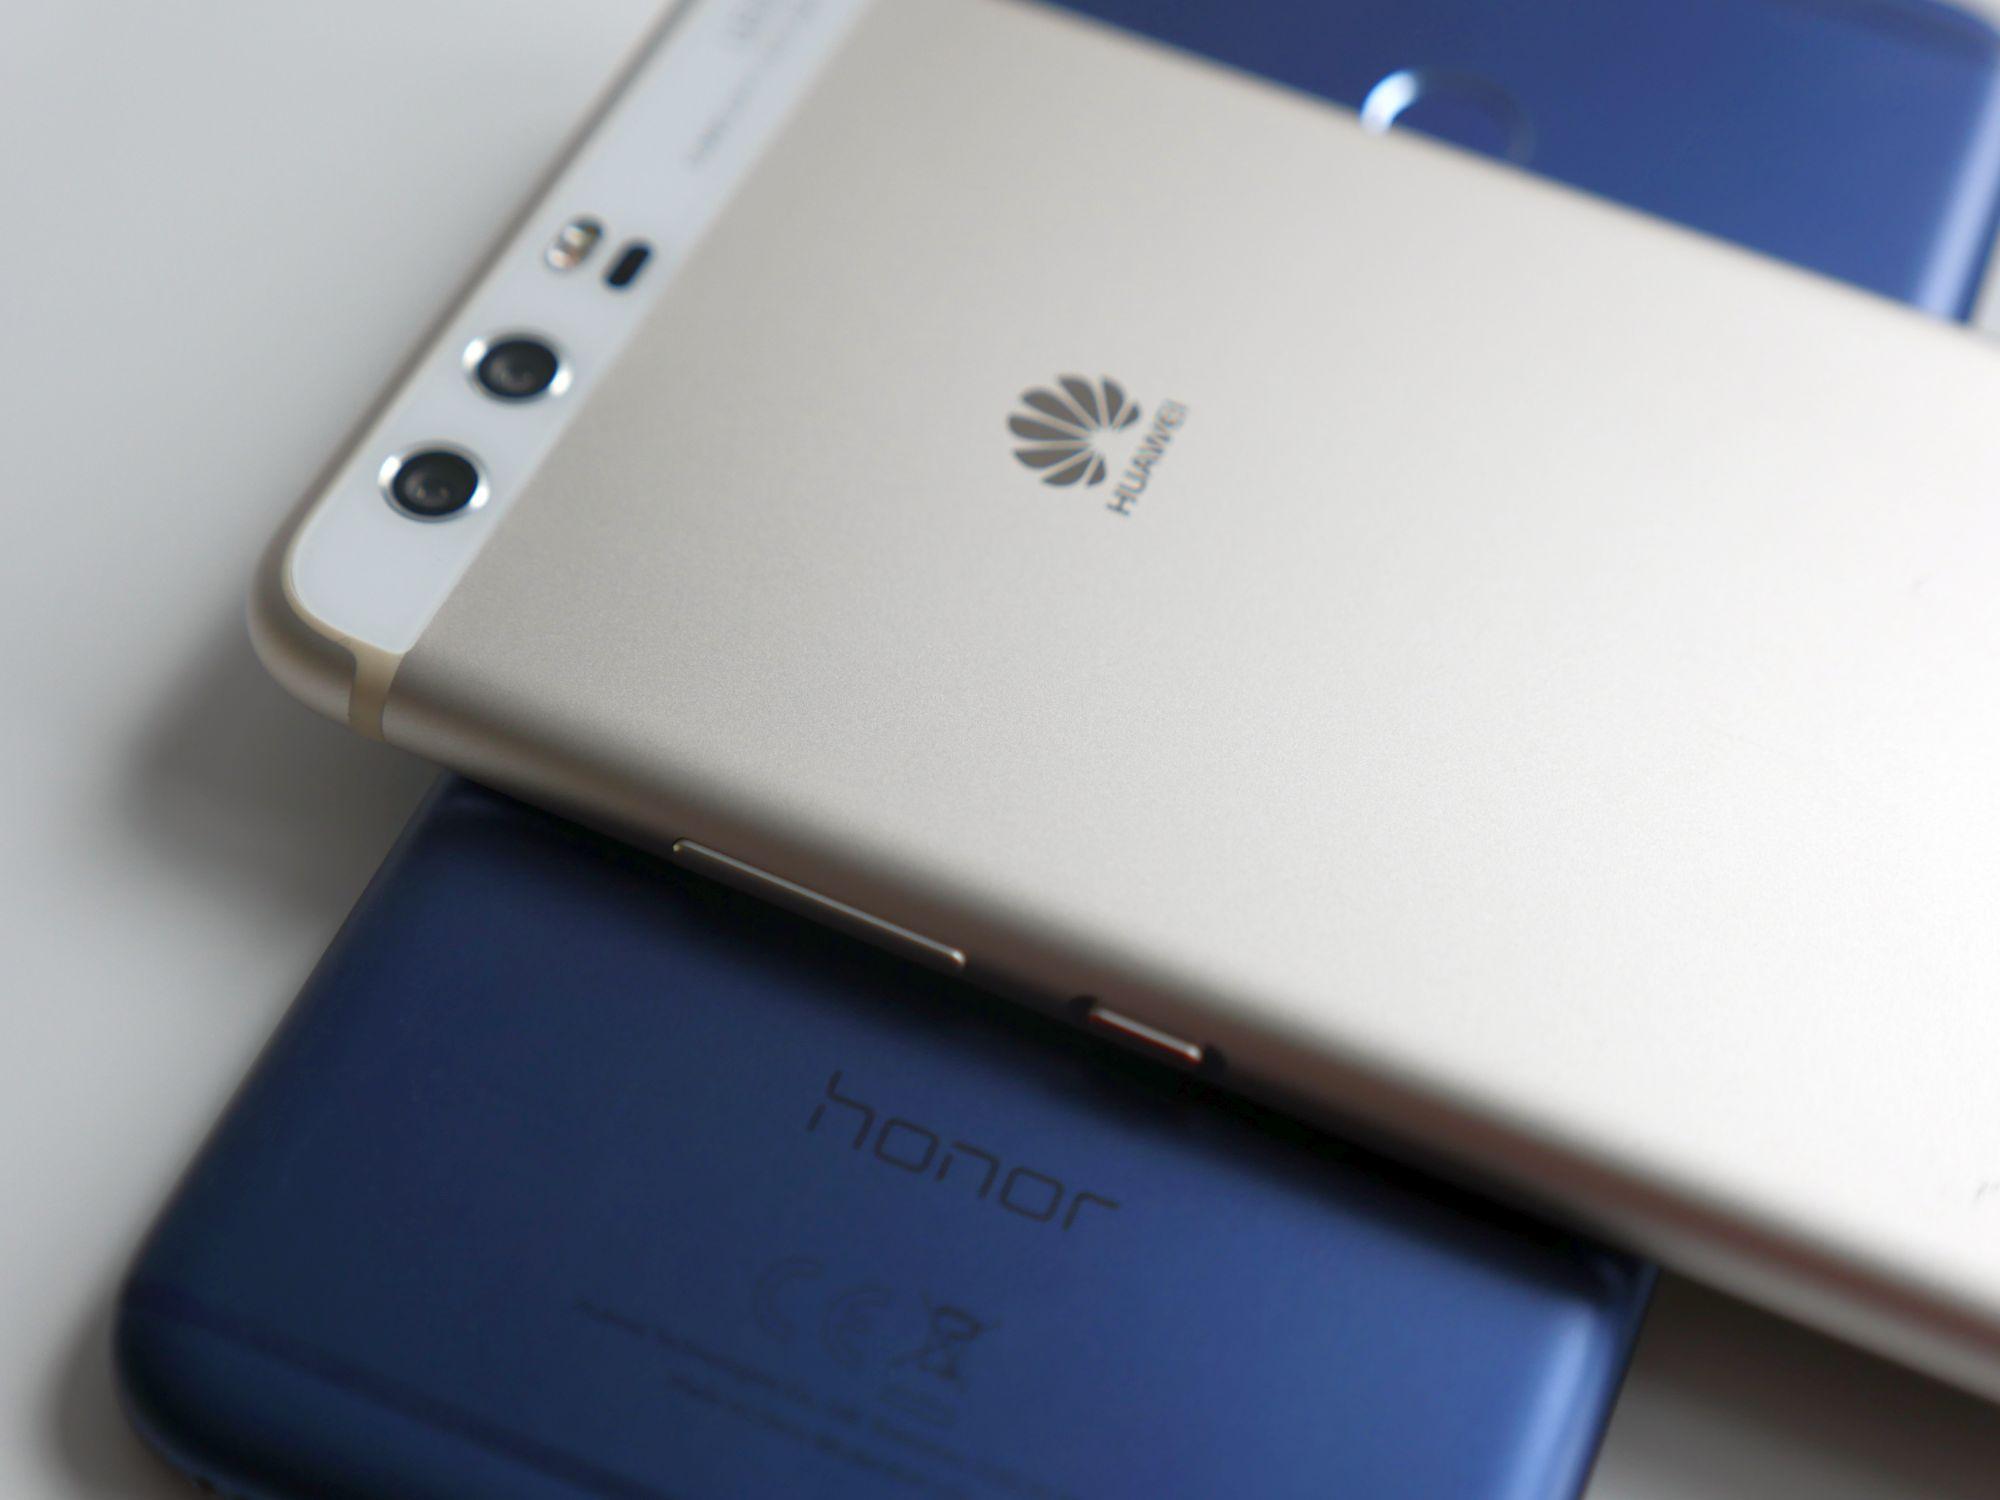 Huawei Enjoy 8 i Honor 7C zdradzają swoją specyfikację. Są bardzo podobne do siebie 22